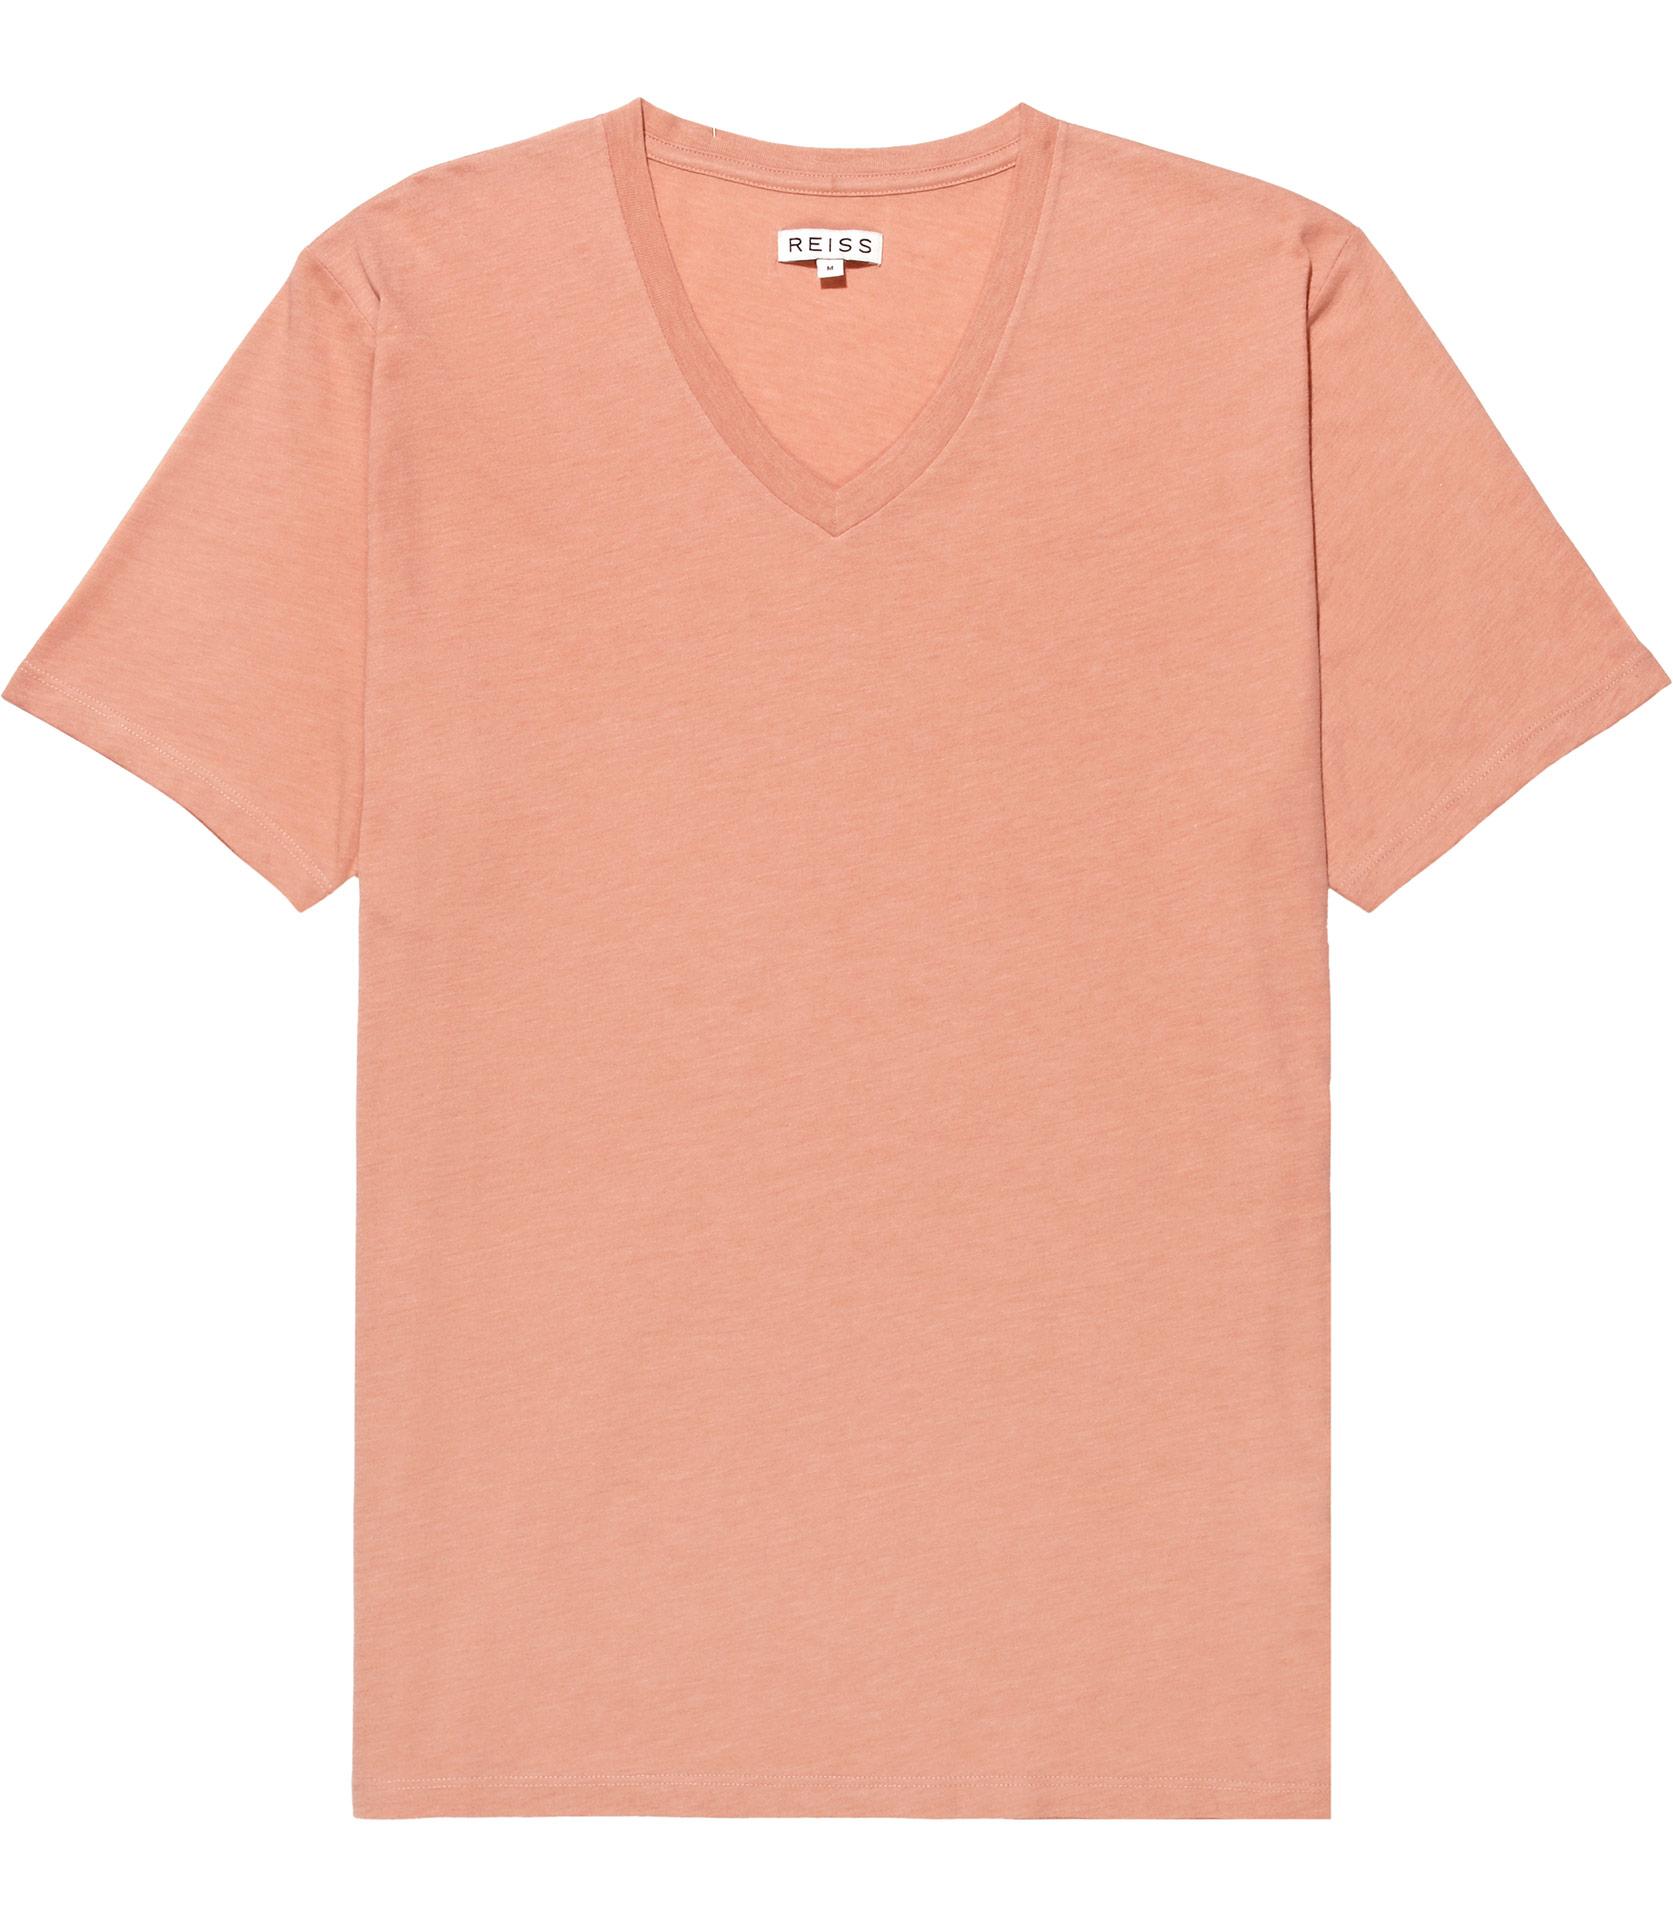 Neck T Shirt Template